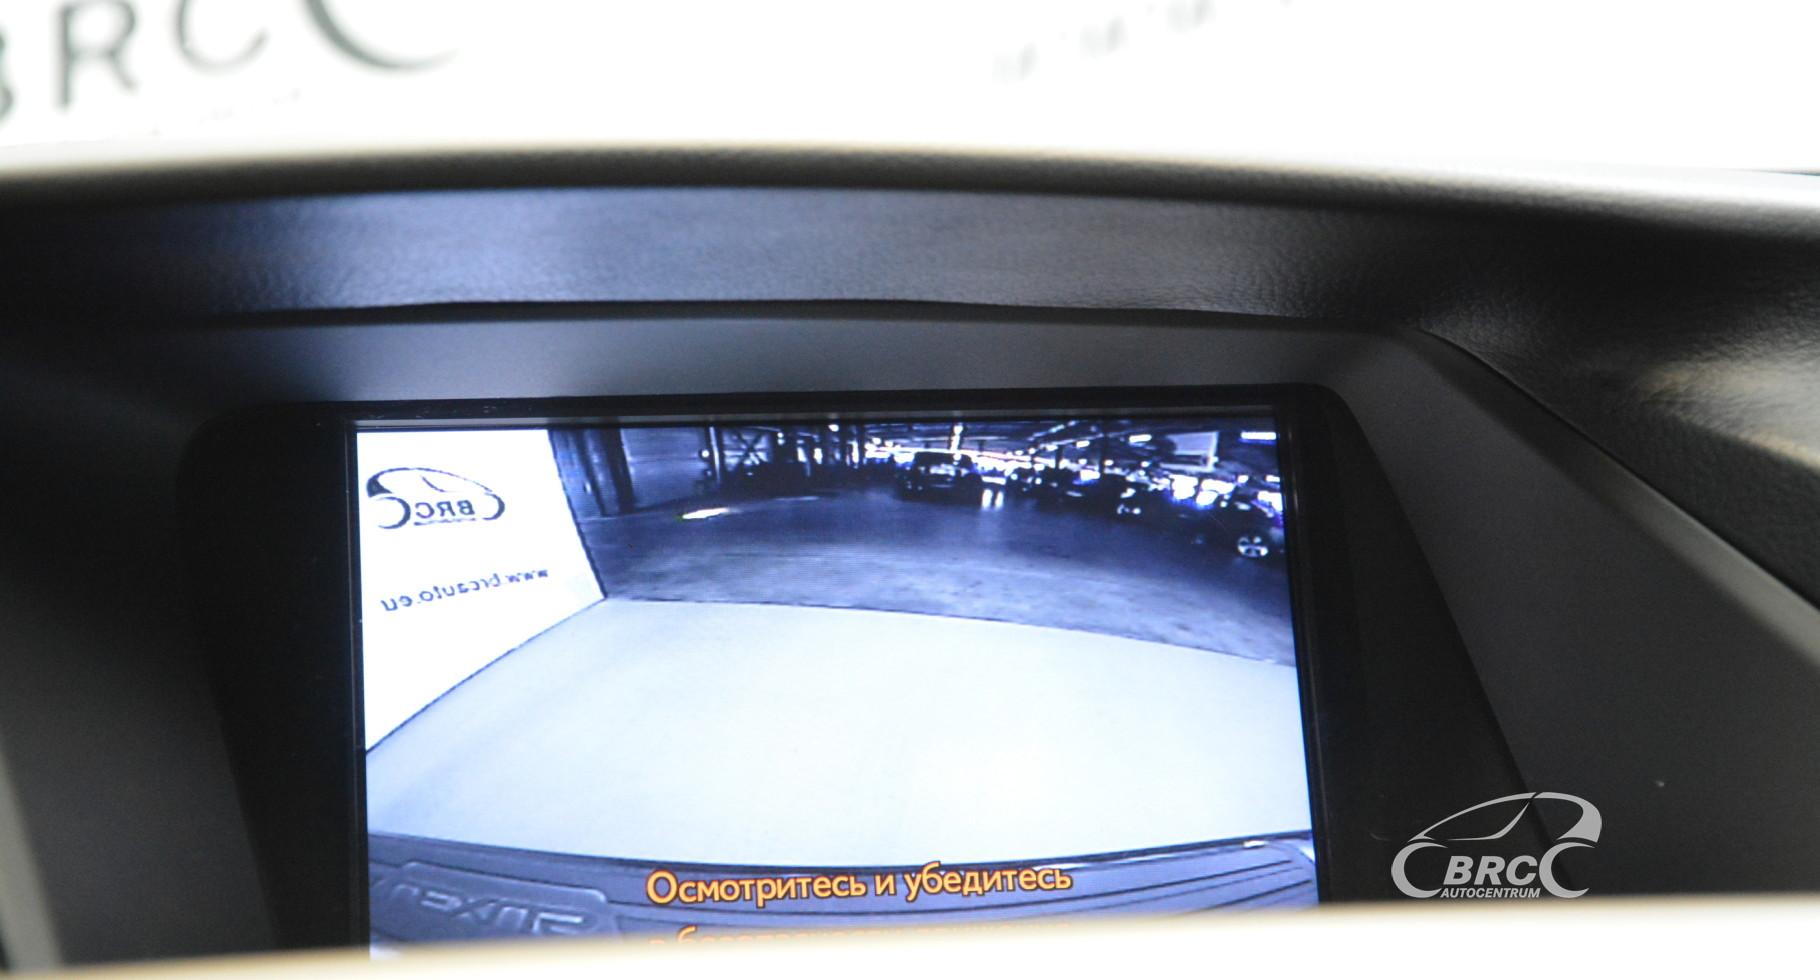 Lexus RX 350 F-Sport Automatas